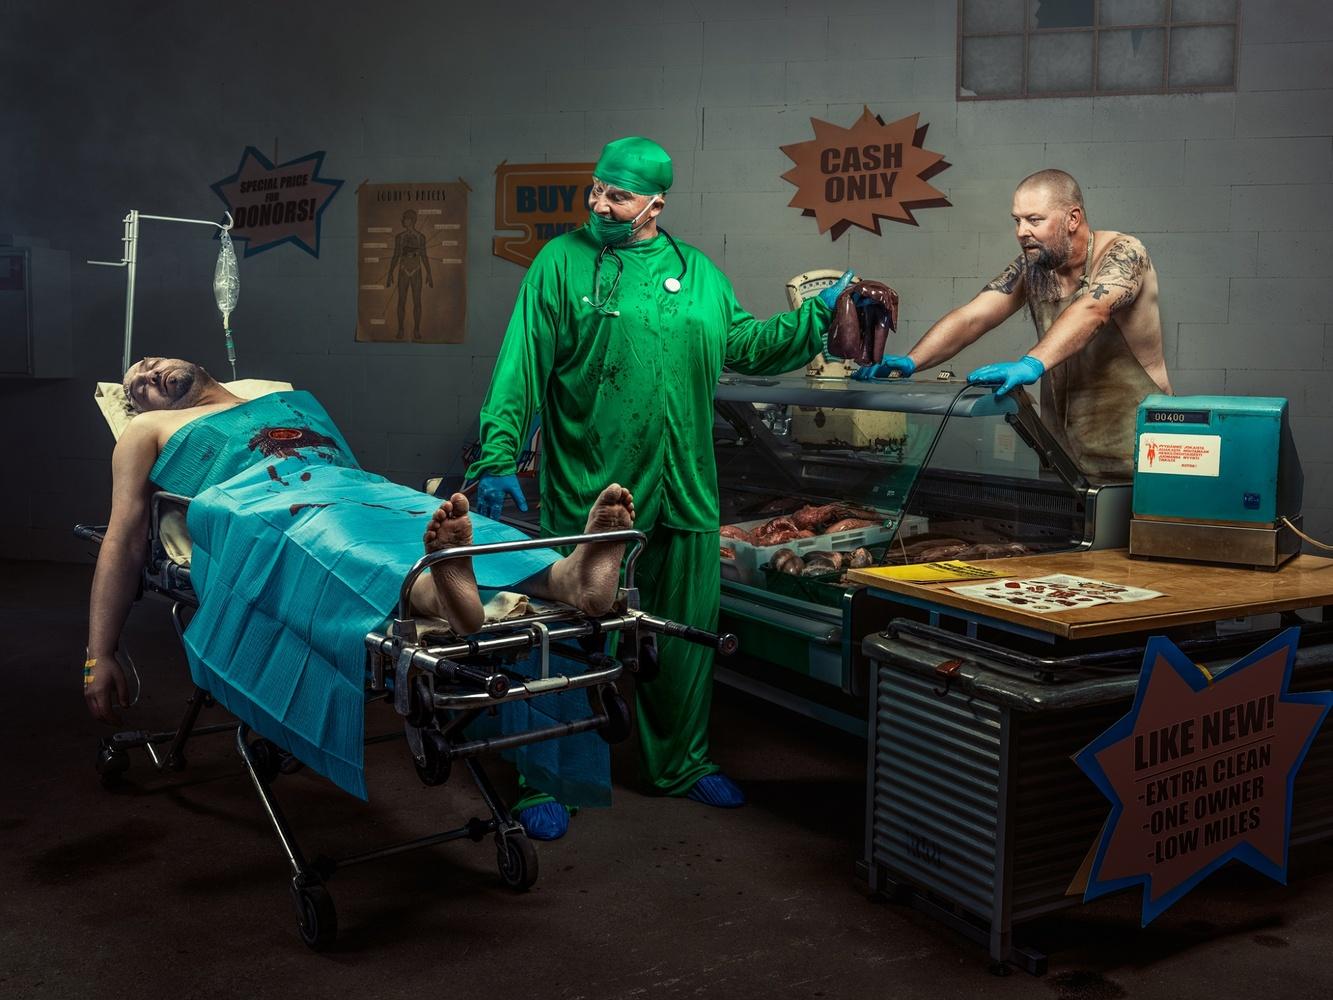 Organ market by Juhamatti Vahdersalo